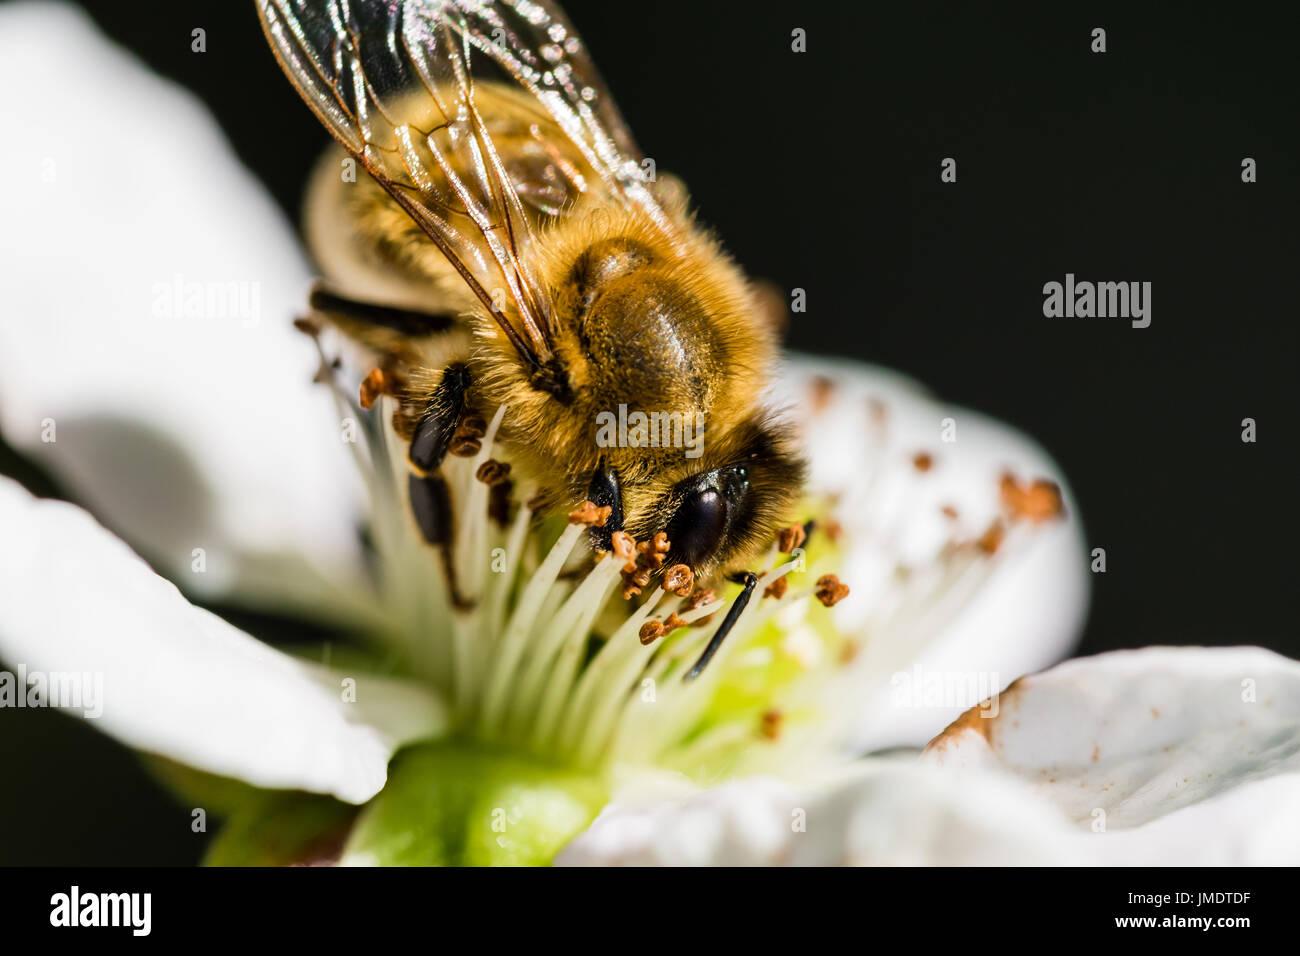 La Unión abeja polinizando una pequeña flor blanca en la primavera en el prado. Macro shot con borroso fondo oscuro. Foto de stock